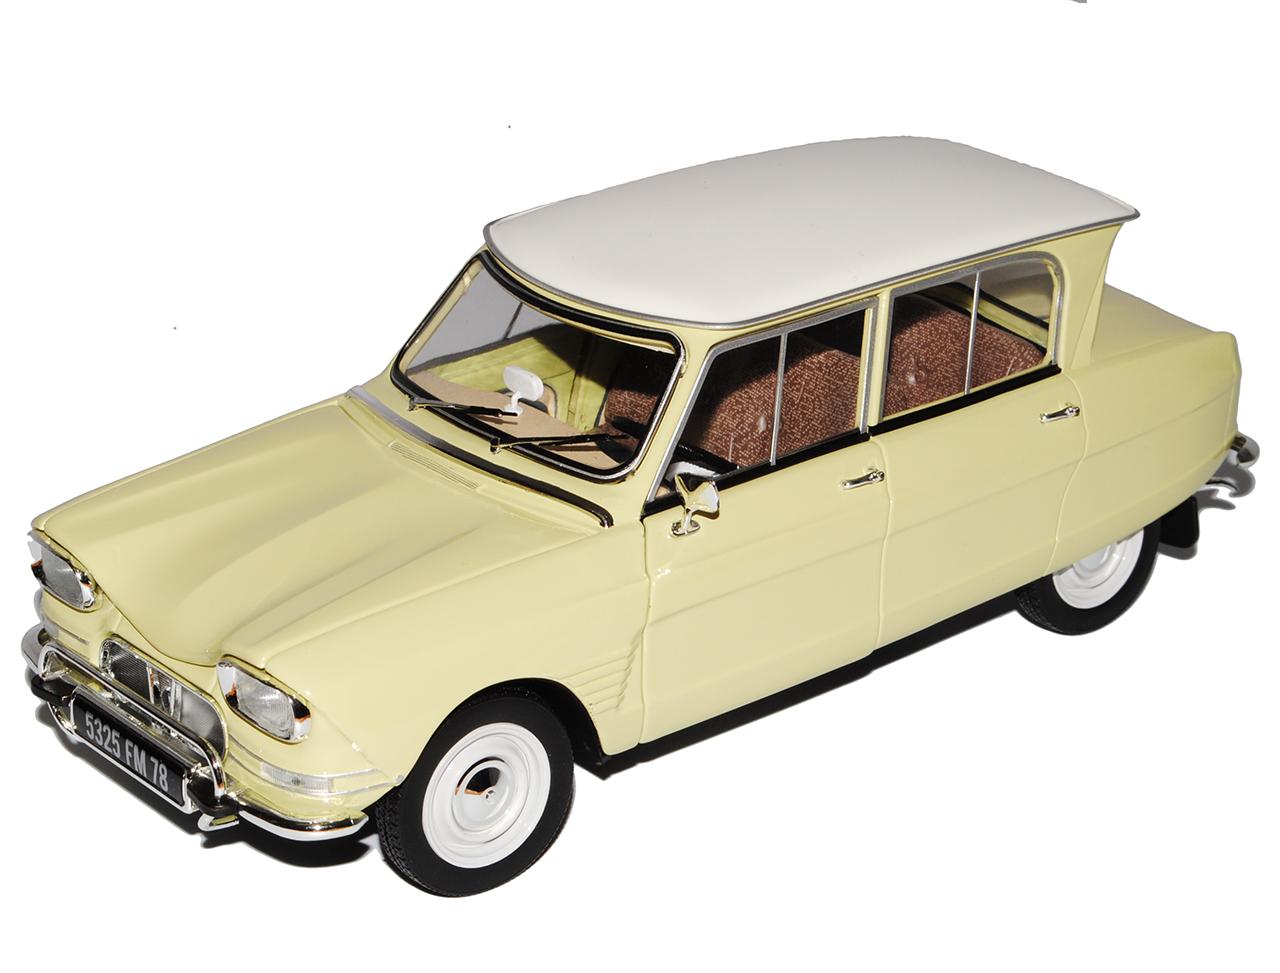 Citroen Ami 6 Beige Blanc toit 1961-1969 1 18 NOREV modèle voiture avec ou sans aucun...